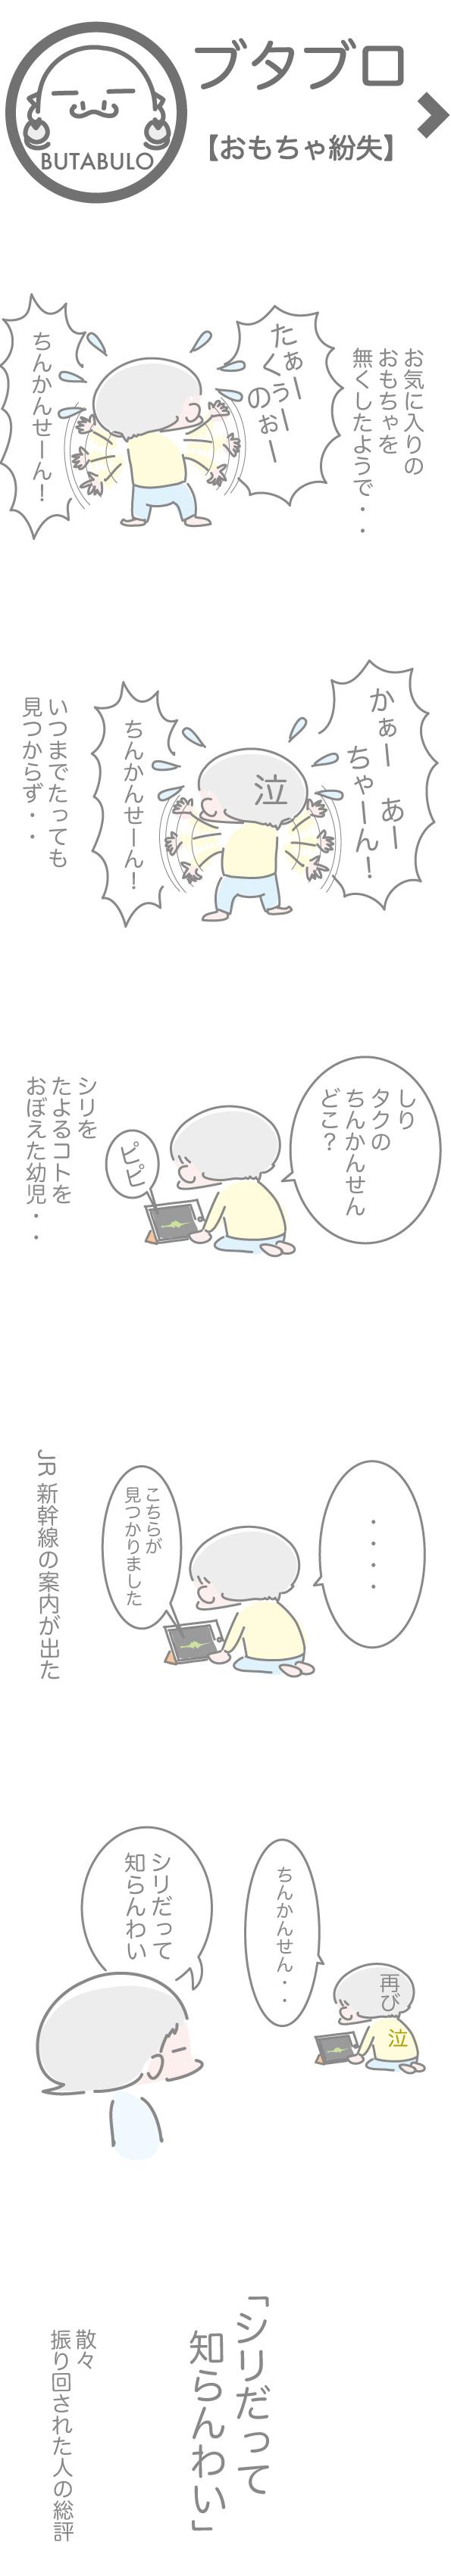 ネタ26ブログ